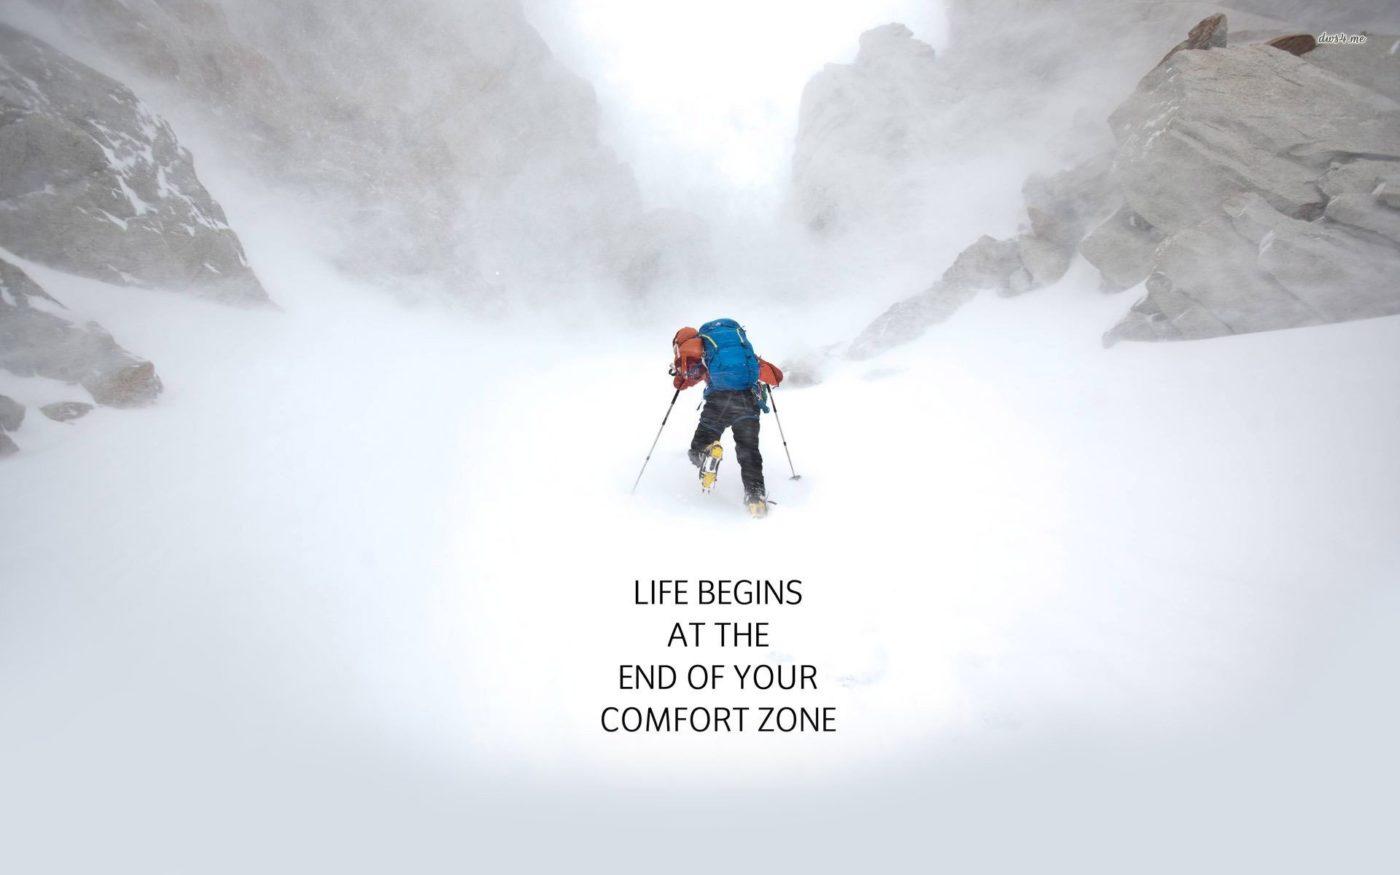 Жизнь начинается, когда выходишь из зоны комфорта.